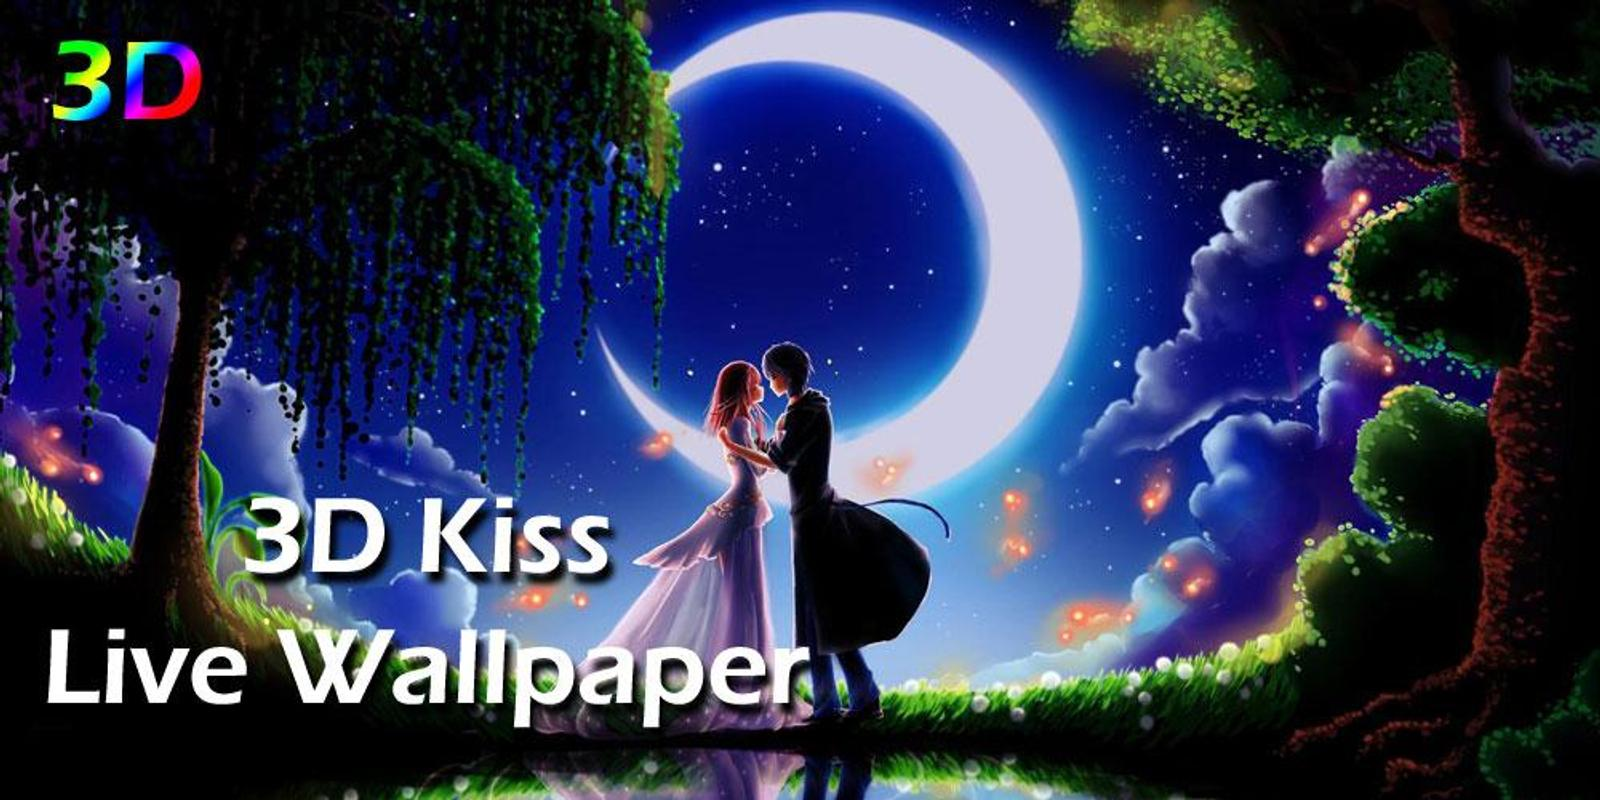 3D Kiss Live Wallpaper poster ...